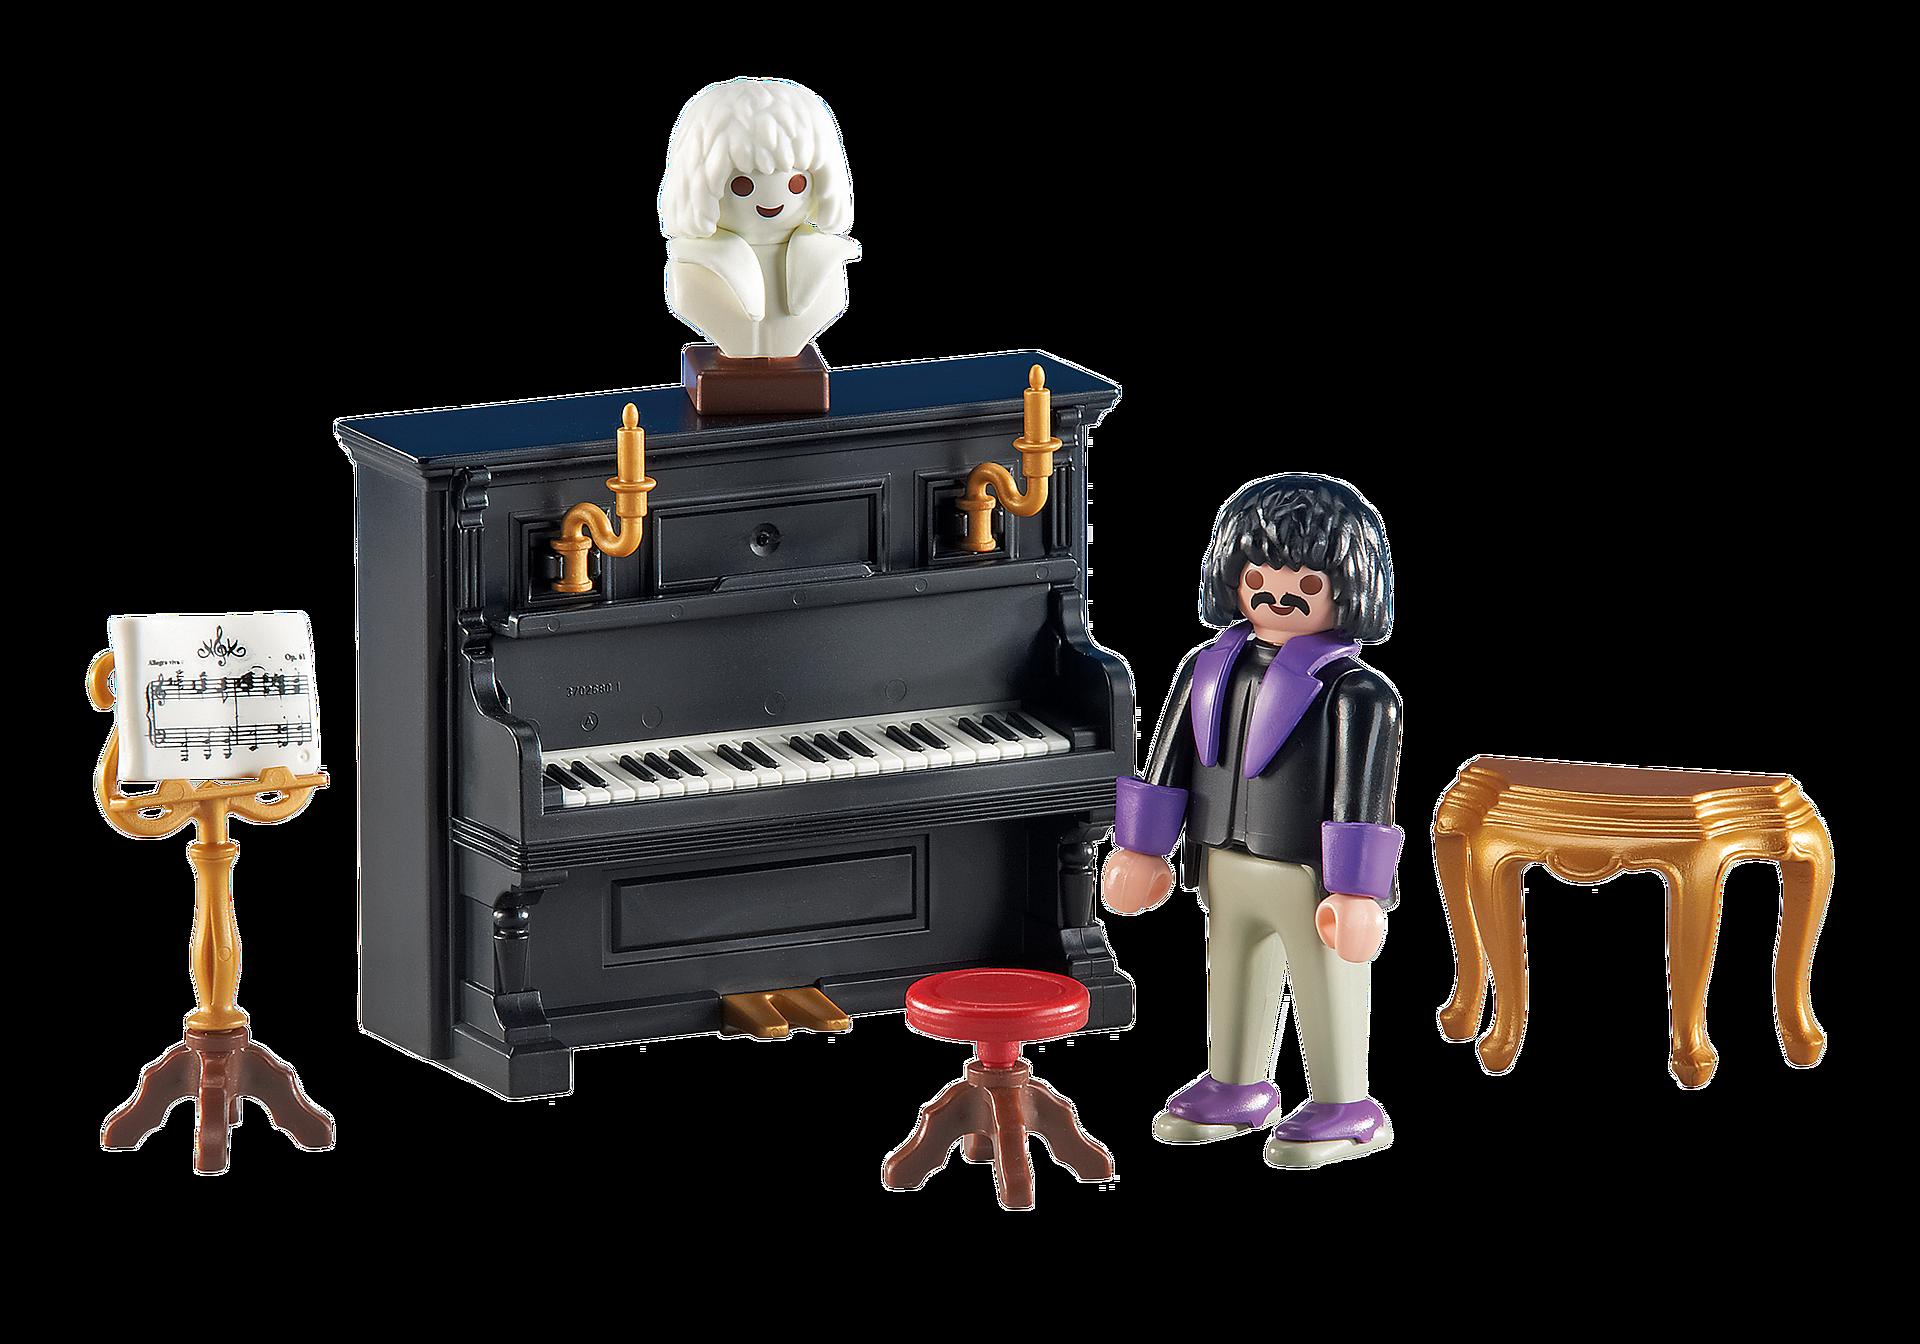 6527 Pianista con Piano zoom image1